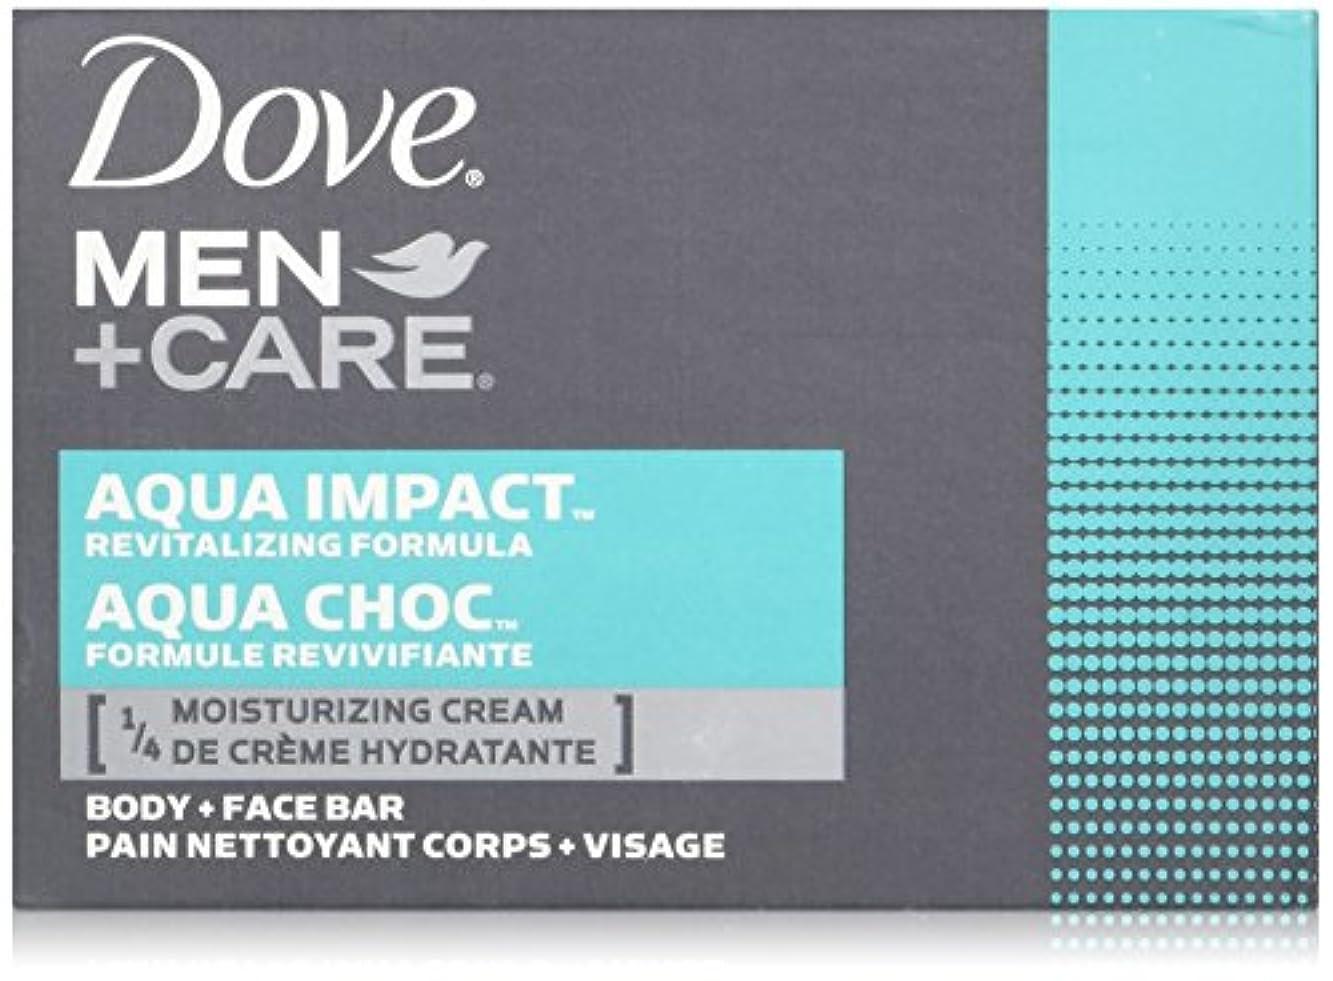 落ち着いてビリーヤギ遊び場Dove Men + Care Body and Face Bar, AQUA IMPACT 4oz x 6soaps ダブ メン プラスケア アクアインパクト 固形石鹸 4oz x 6個パック